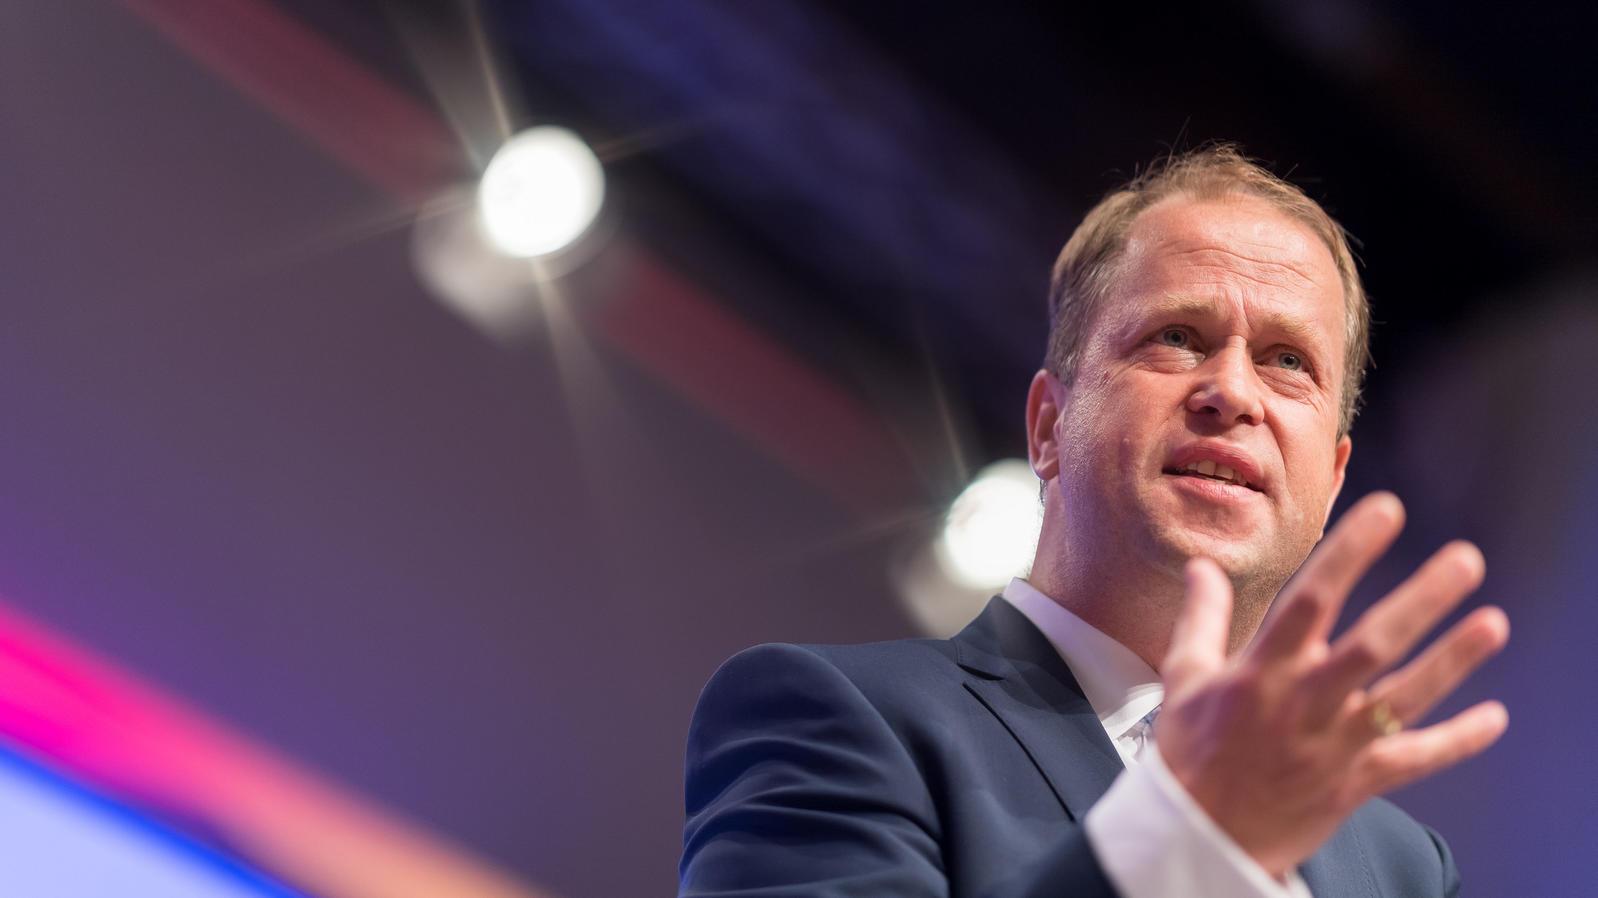 Joachim Stamp ist stellvertretender Ministerpräsident von NRW und Familienminister.